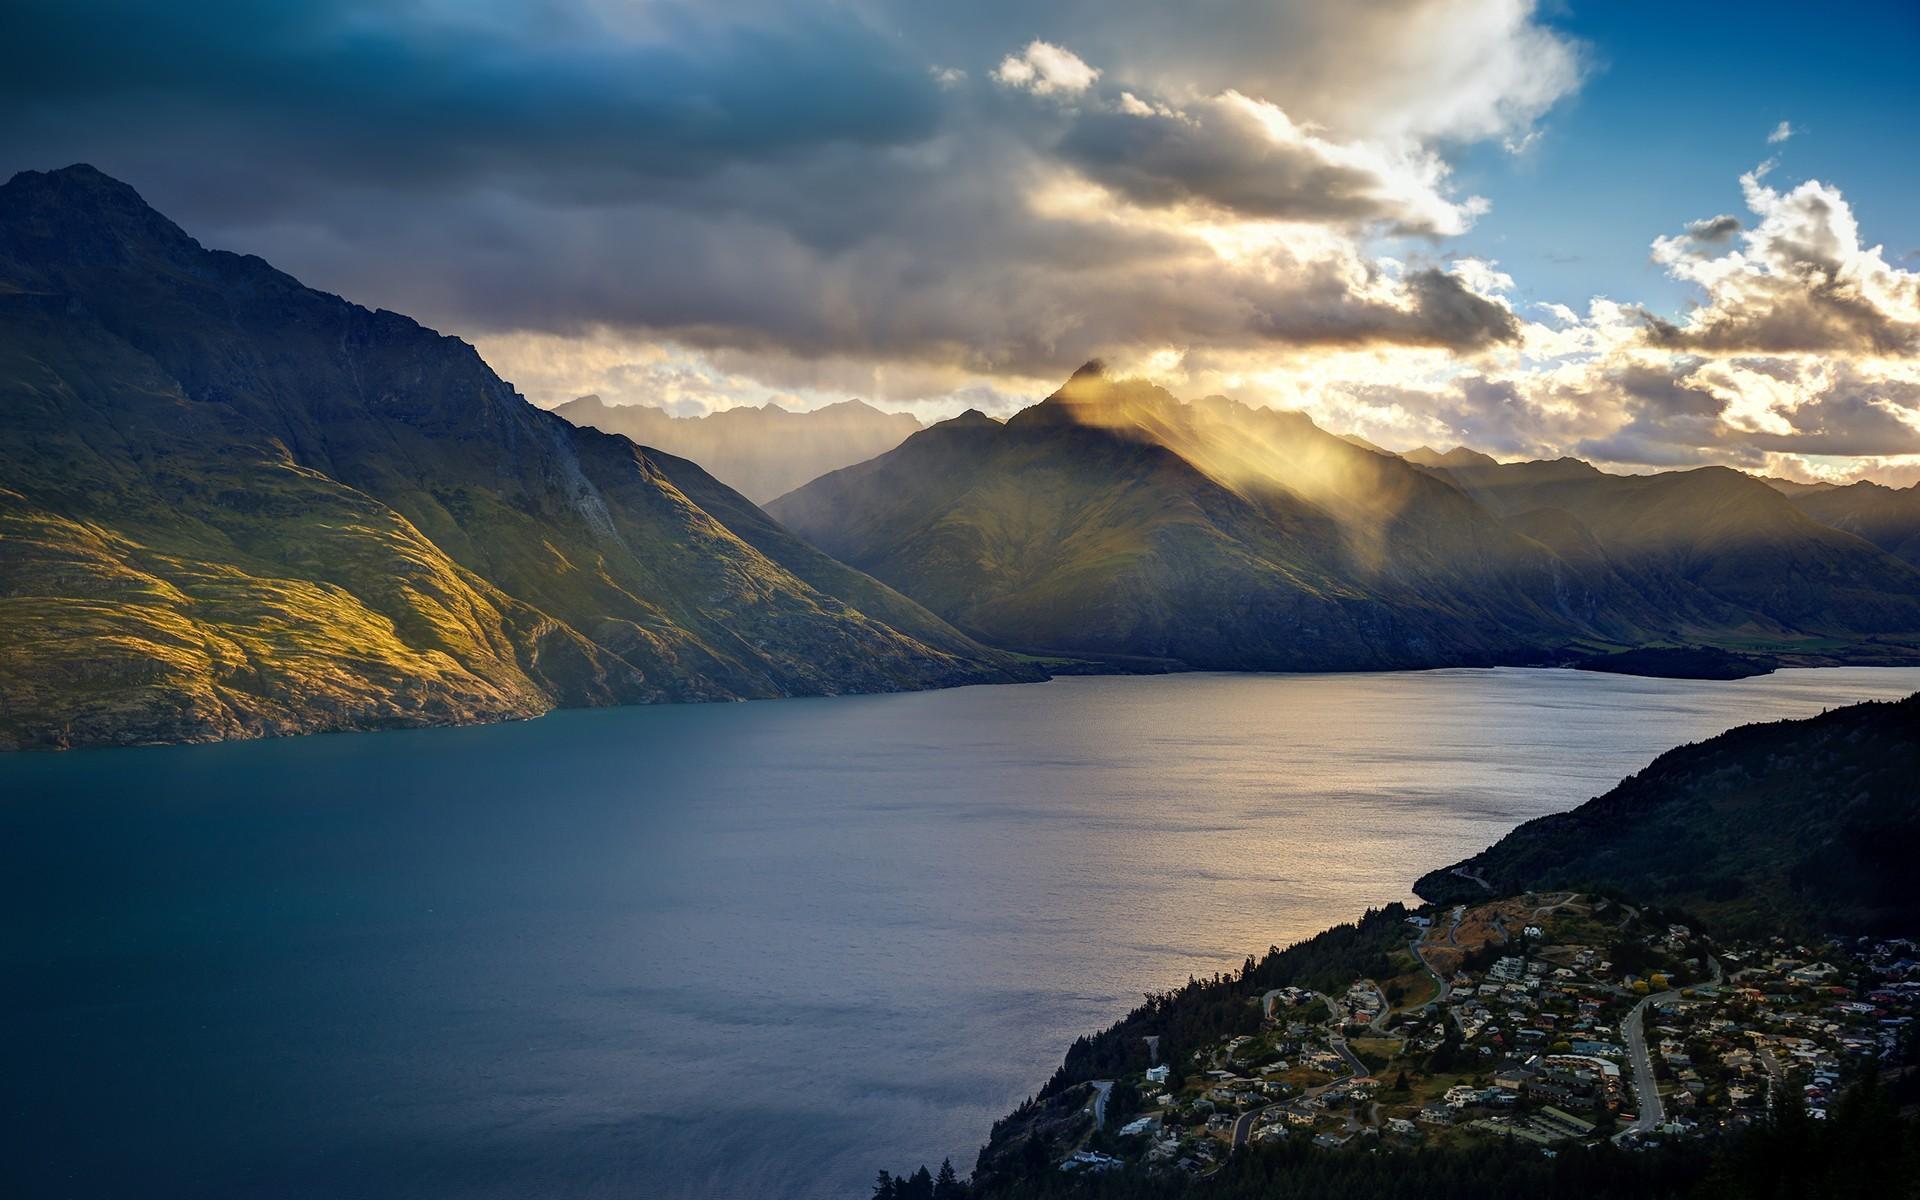 натуральные фотоэффекты на море в горах всего добиться